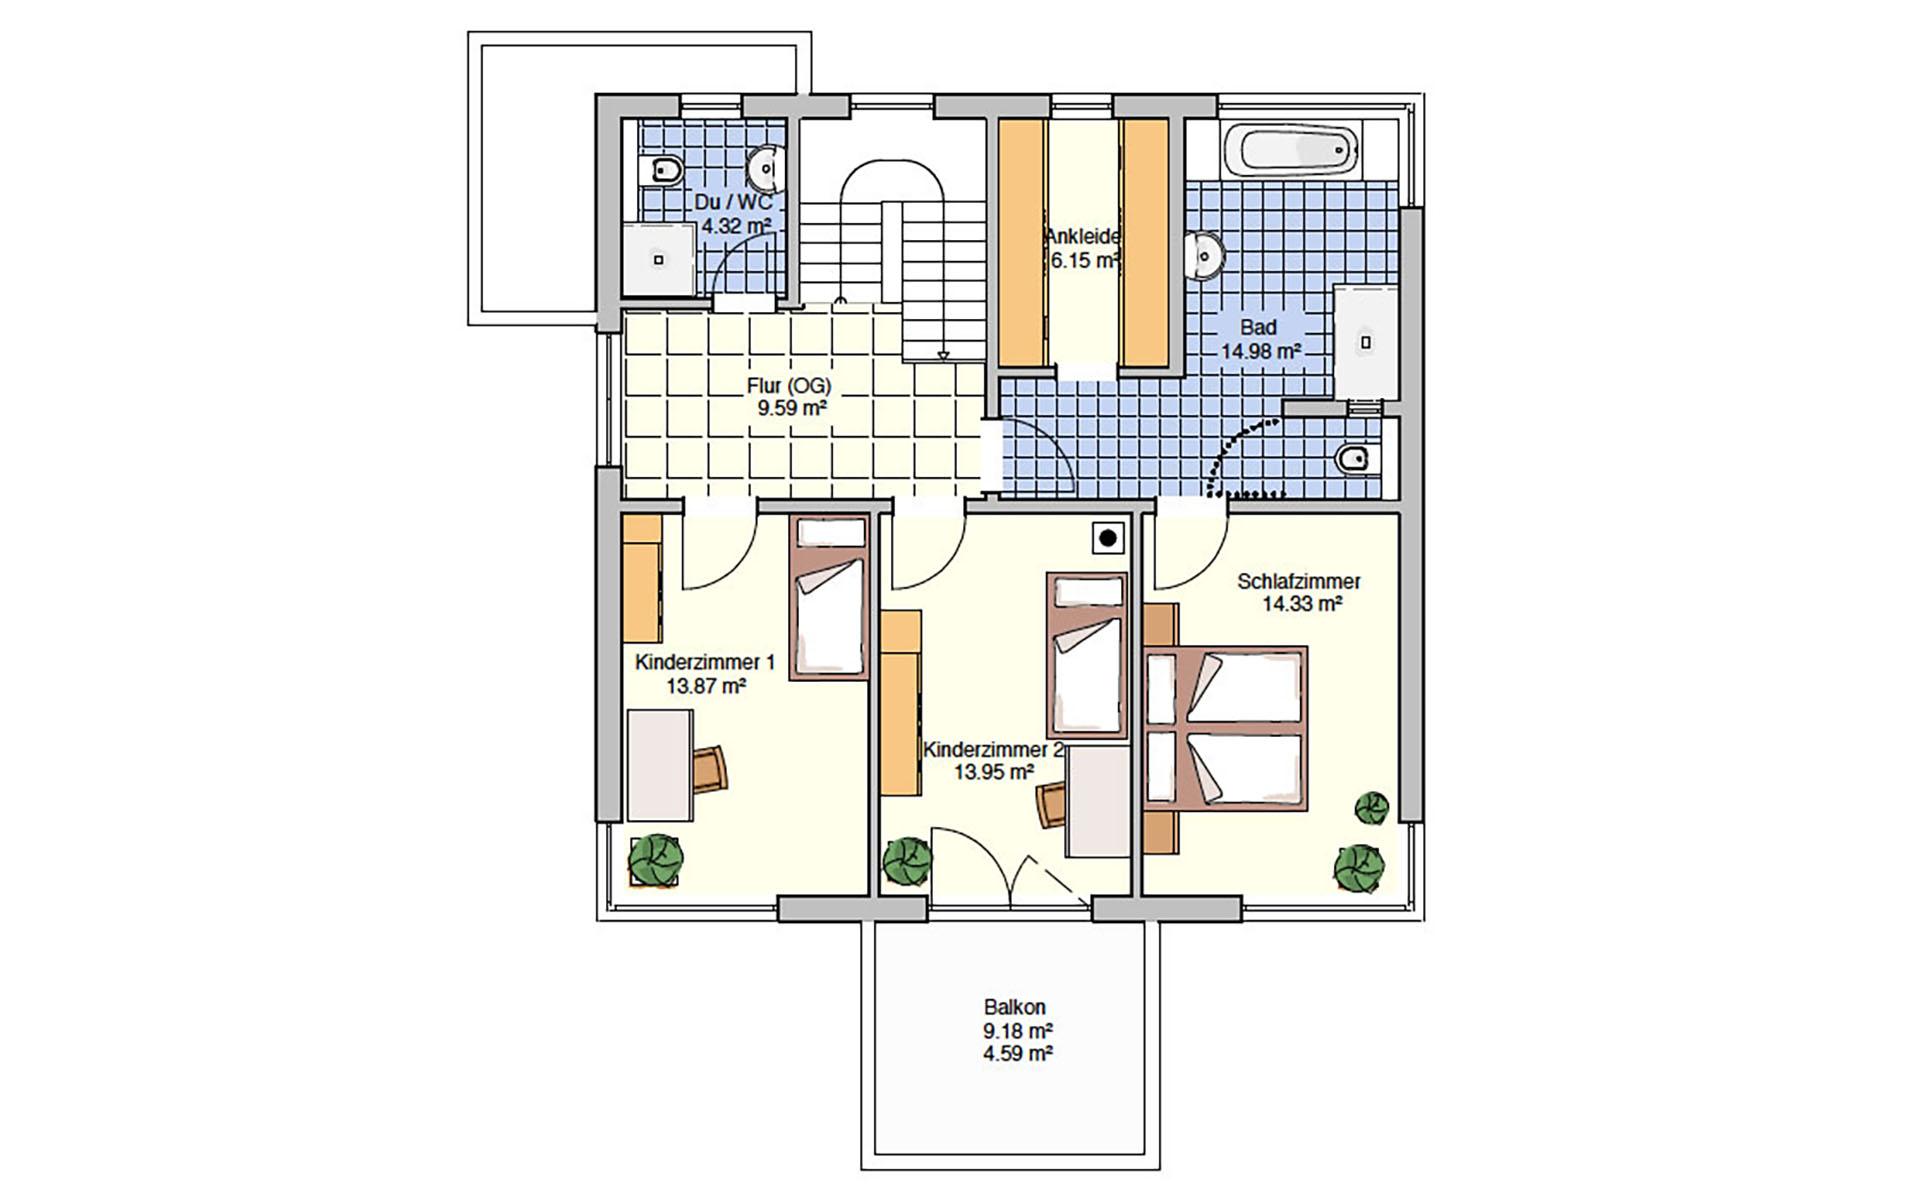 Obergeschoss Köln (Musterhaus) von Fingerhut Haus GmbH & Co. KG